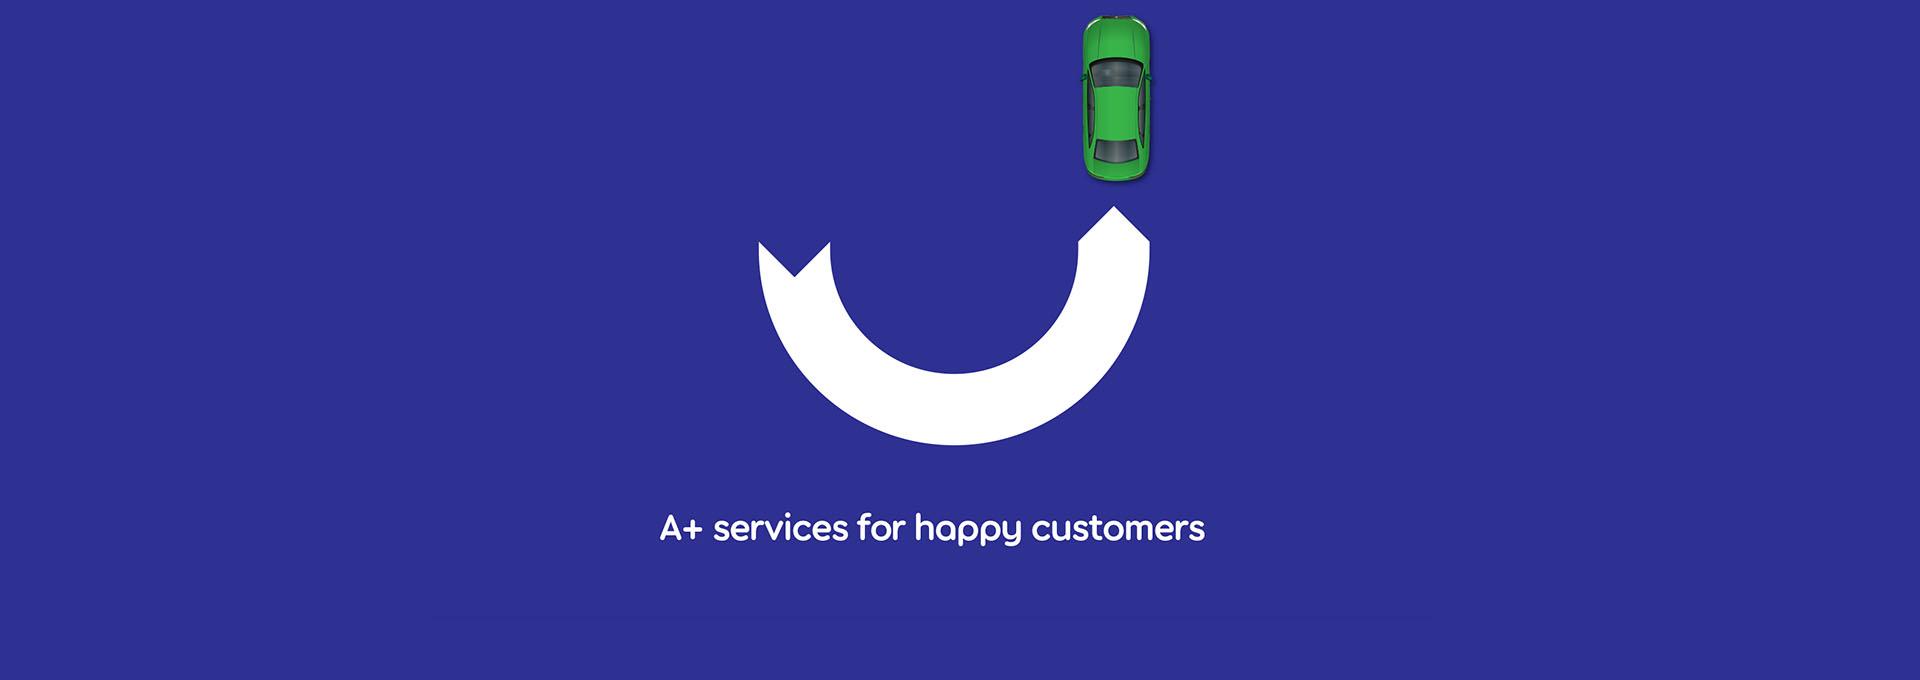 a-plus_services